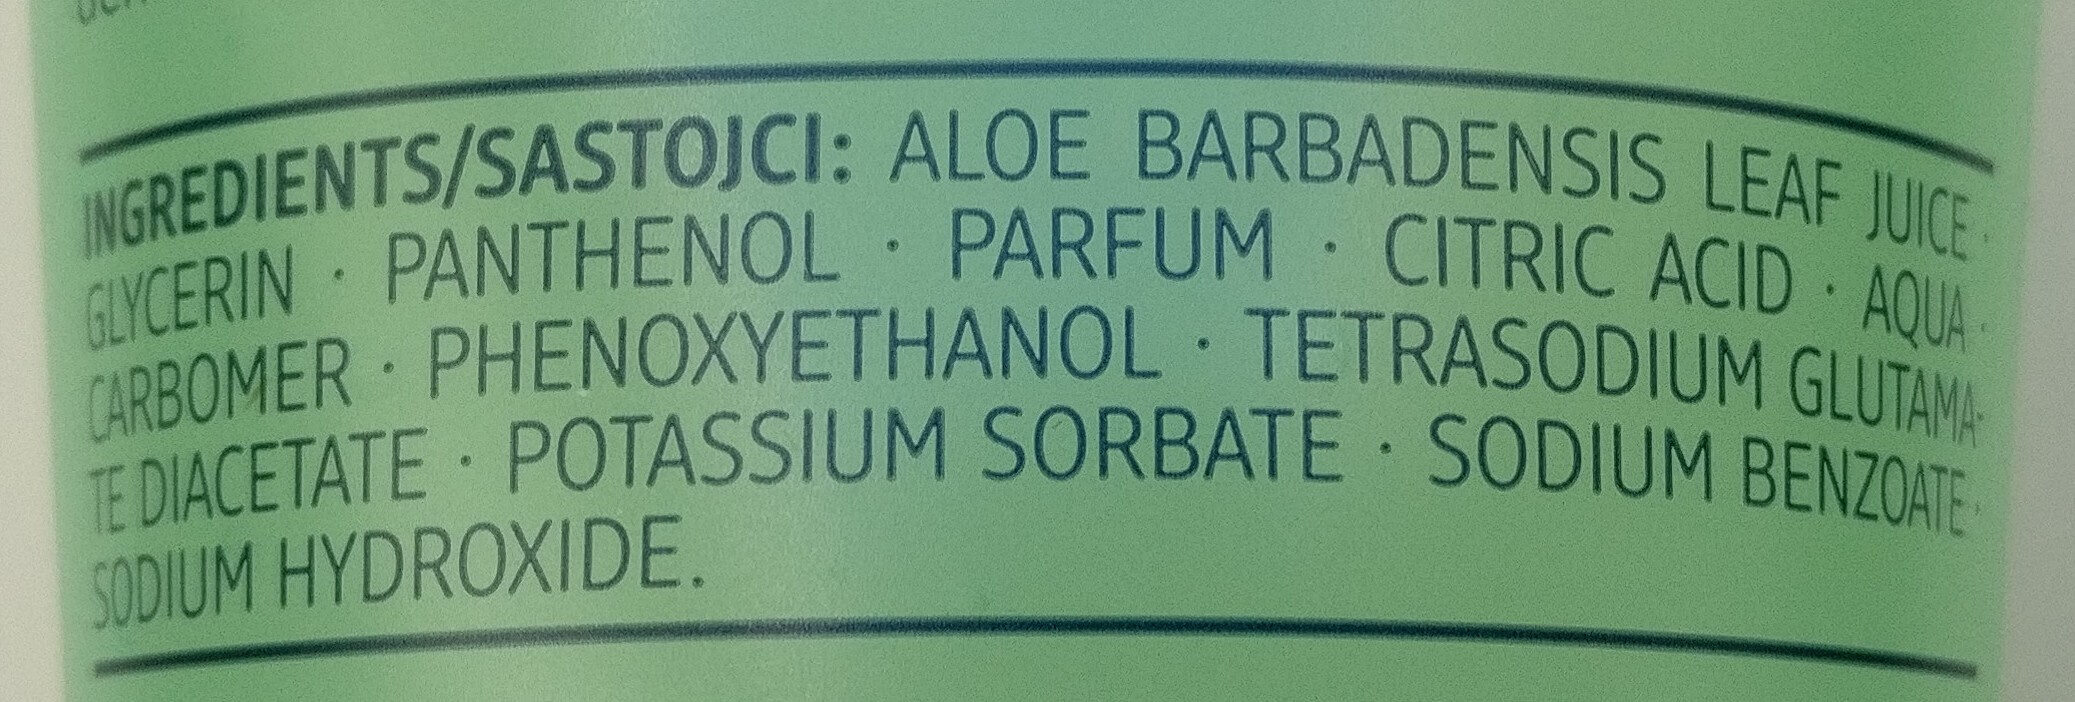 Bodygel Aloe Vera - Ingredients - de